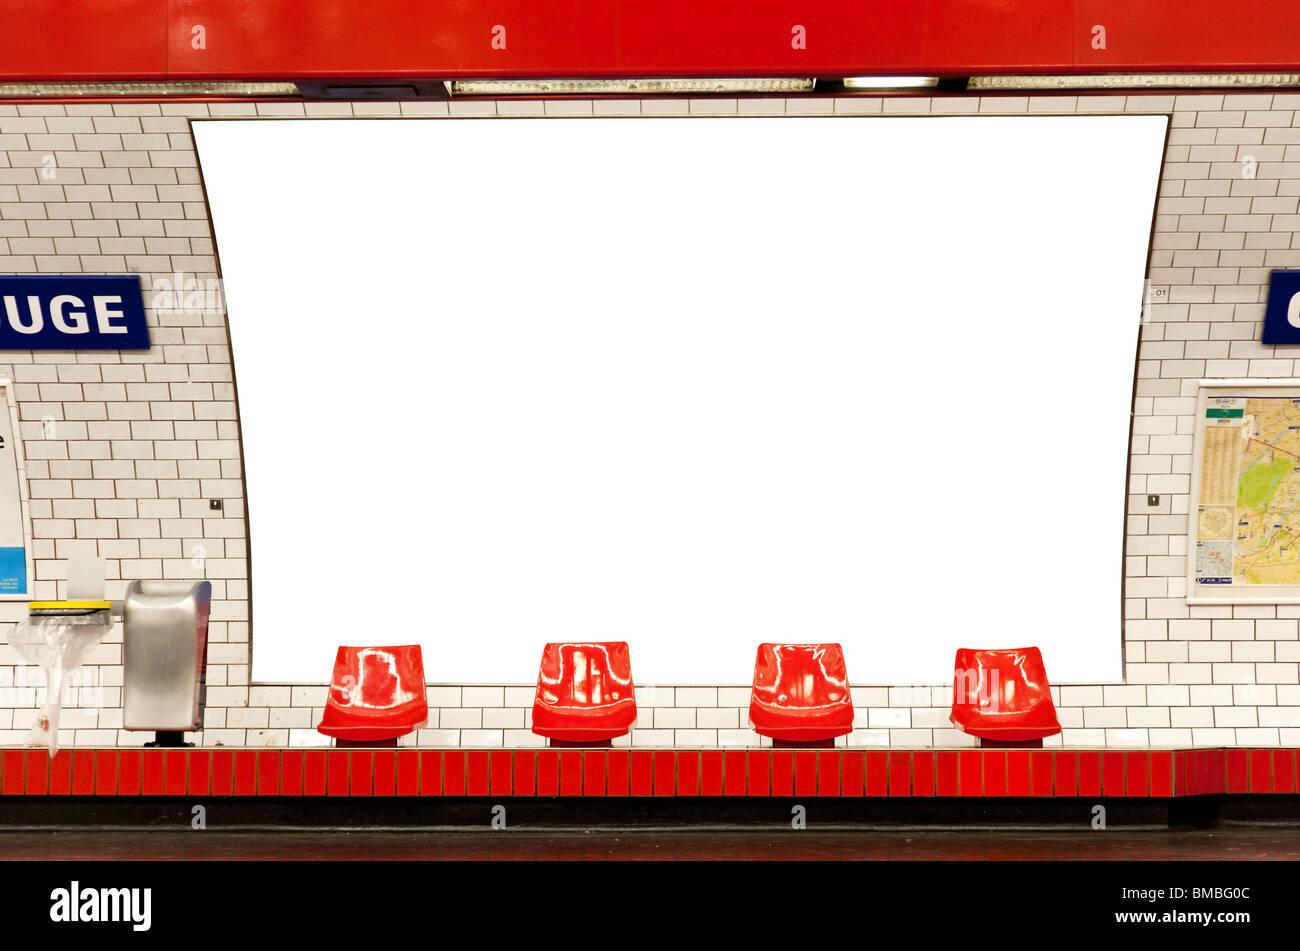 billboard in subway paris - Stock Image